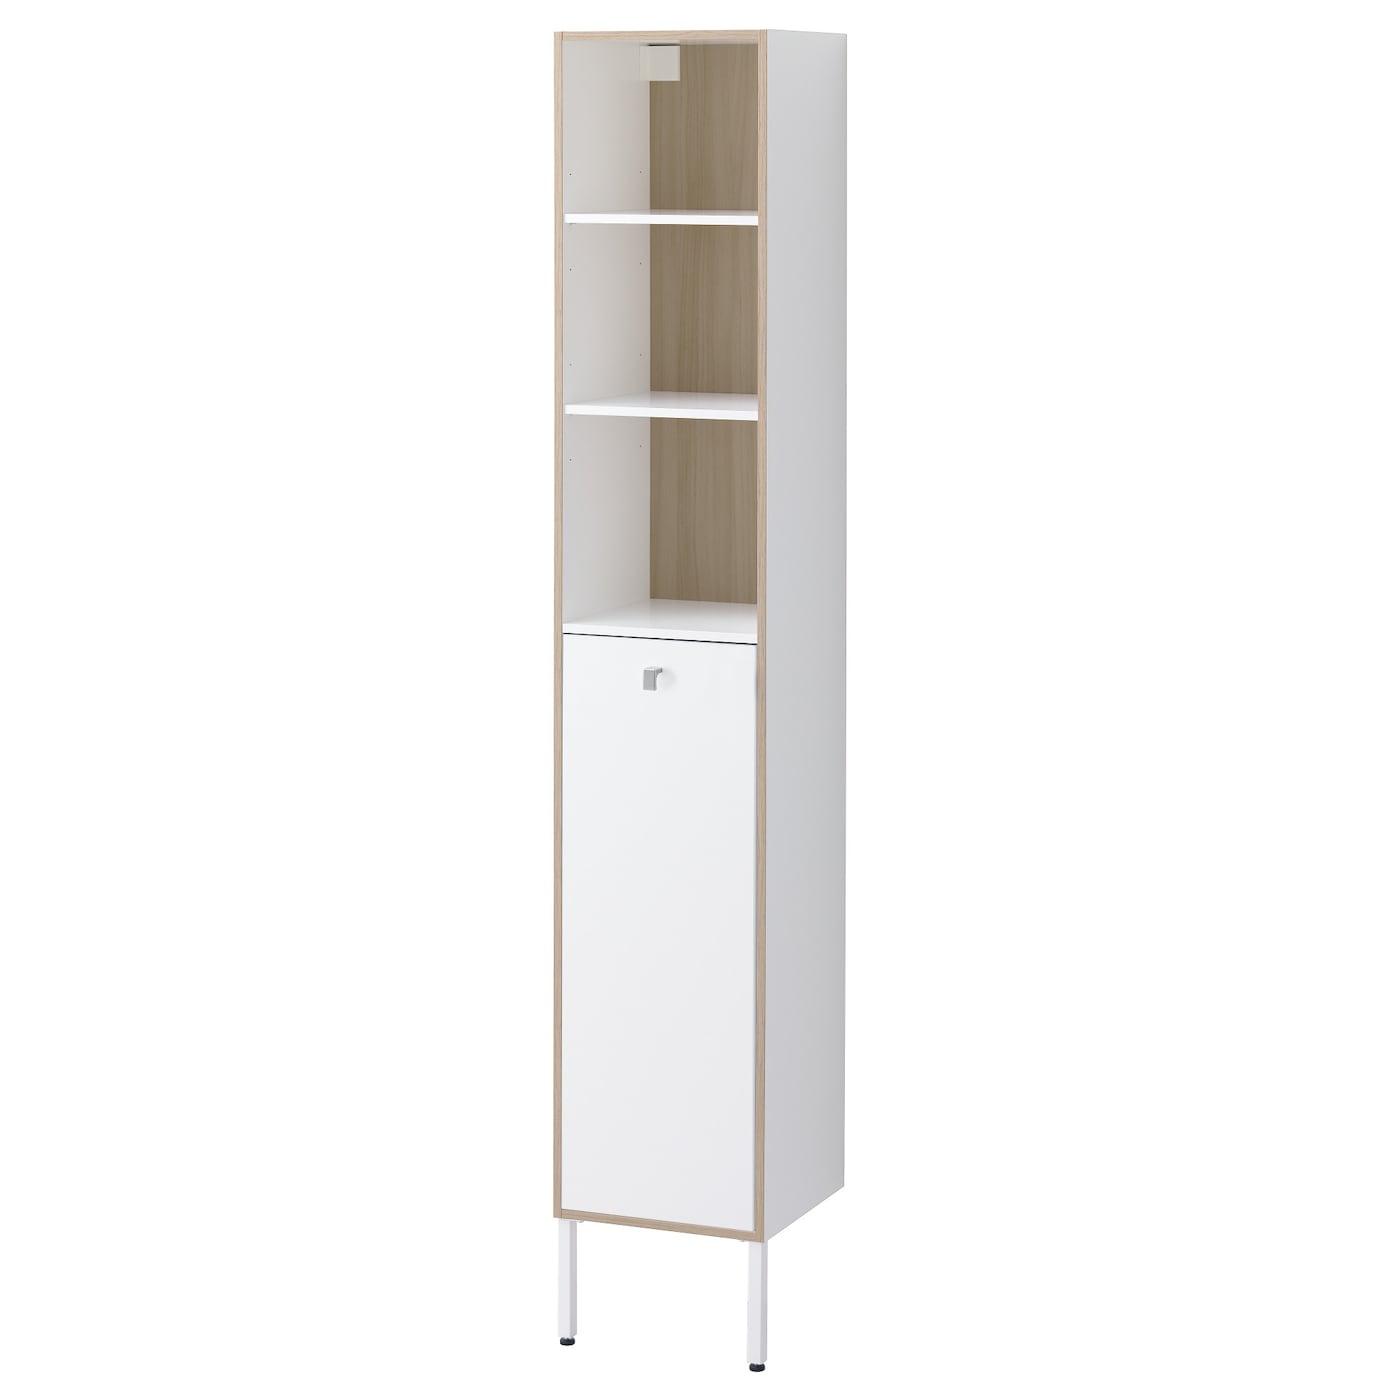 IKEA TYNGEN laundry cabinet